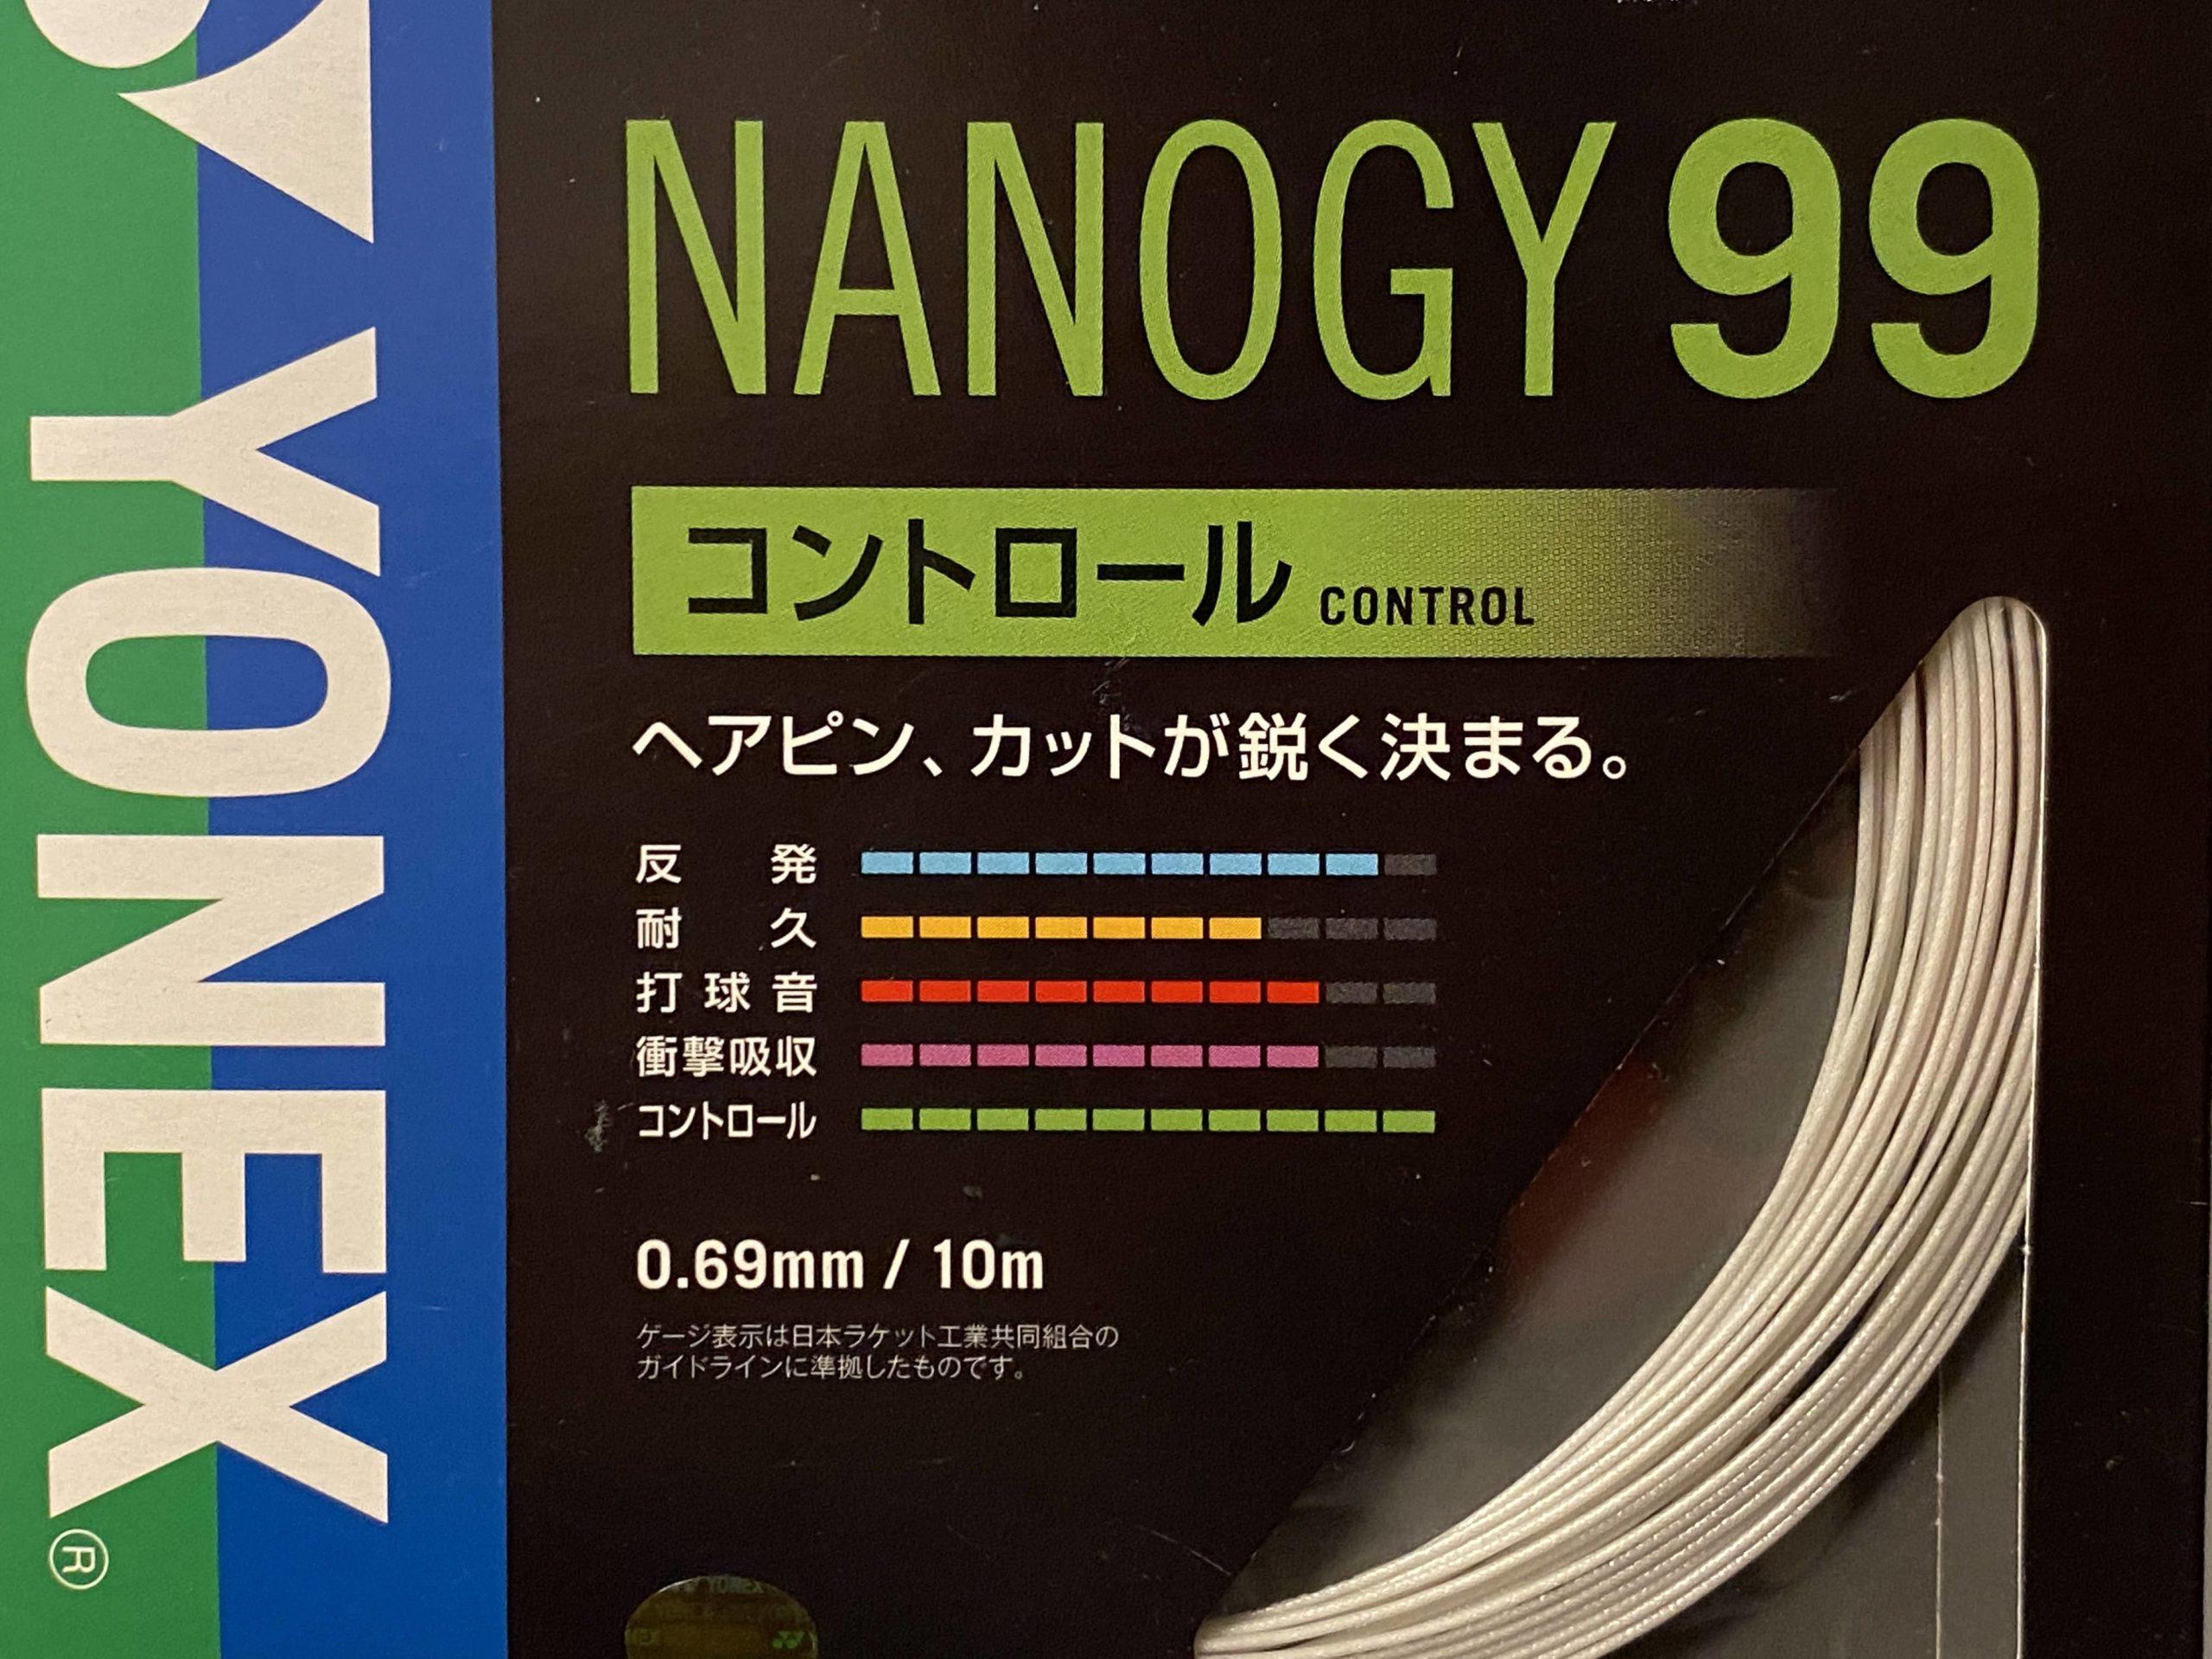 ヨネックス ナノジー99(NANOGY99)バドミントンガット【コントロール重視】